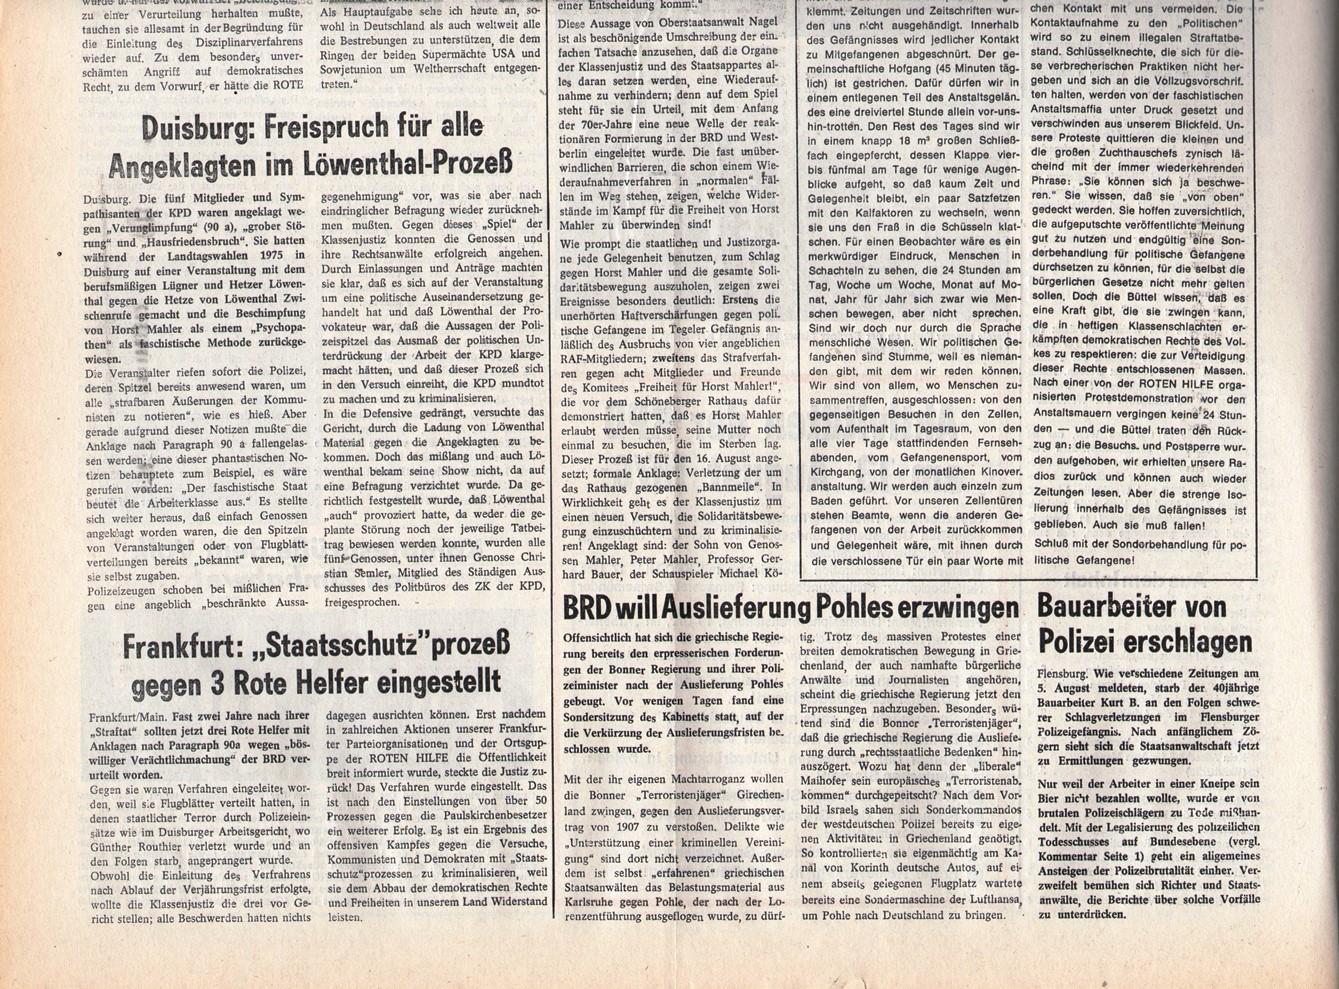 KPD_Rote_Fahne_1976_32_04